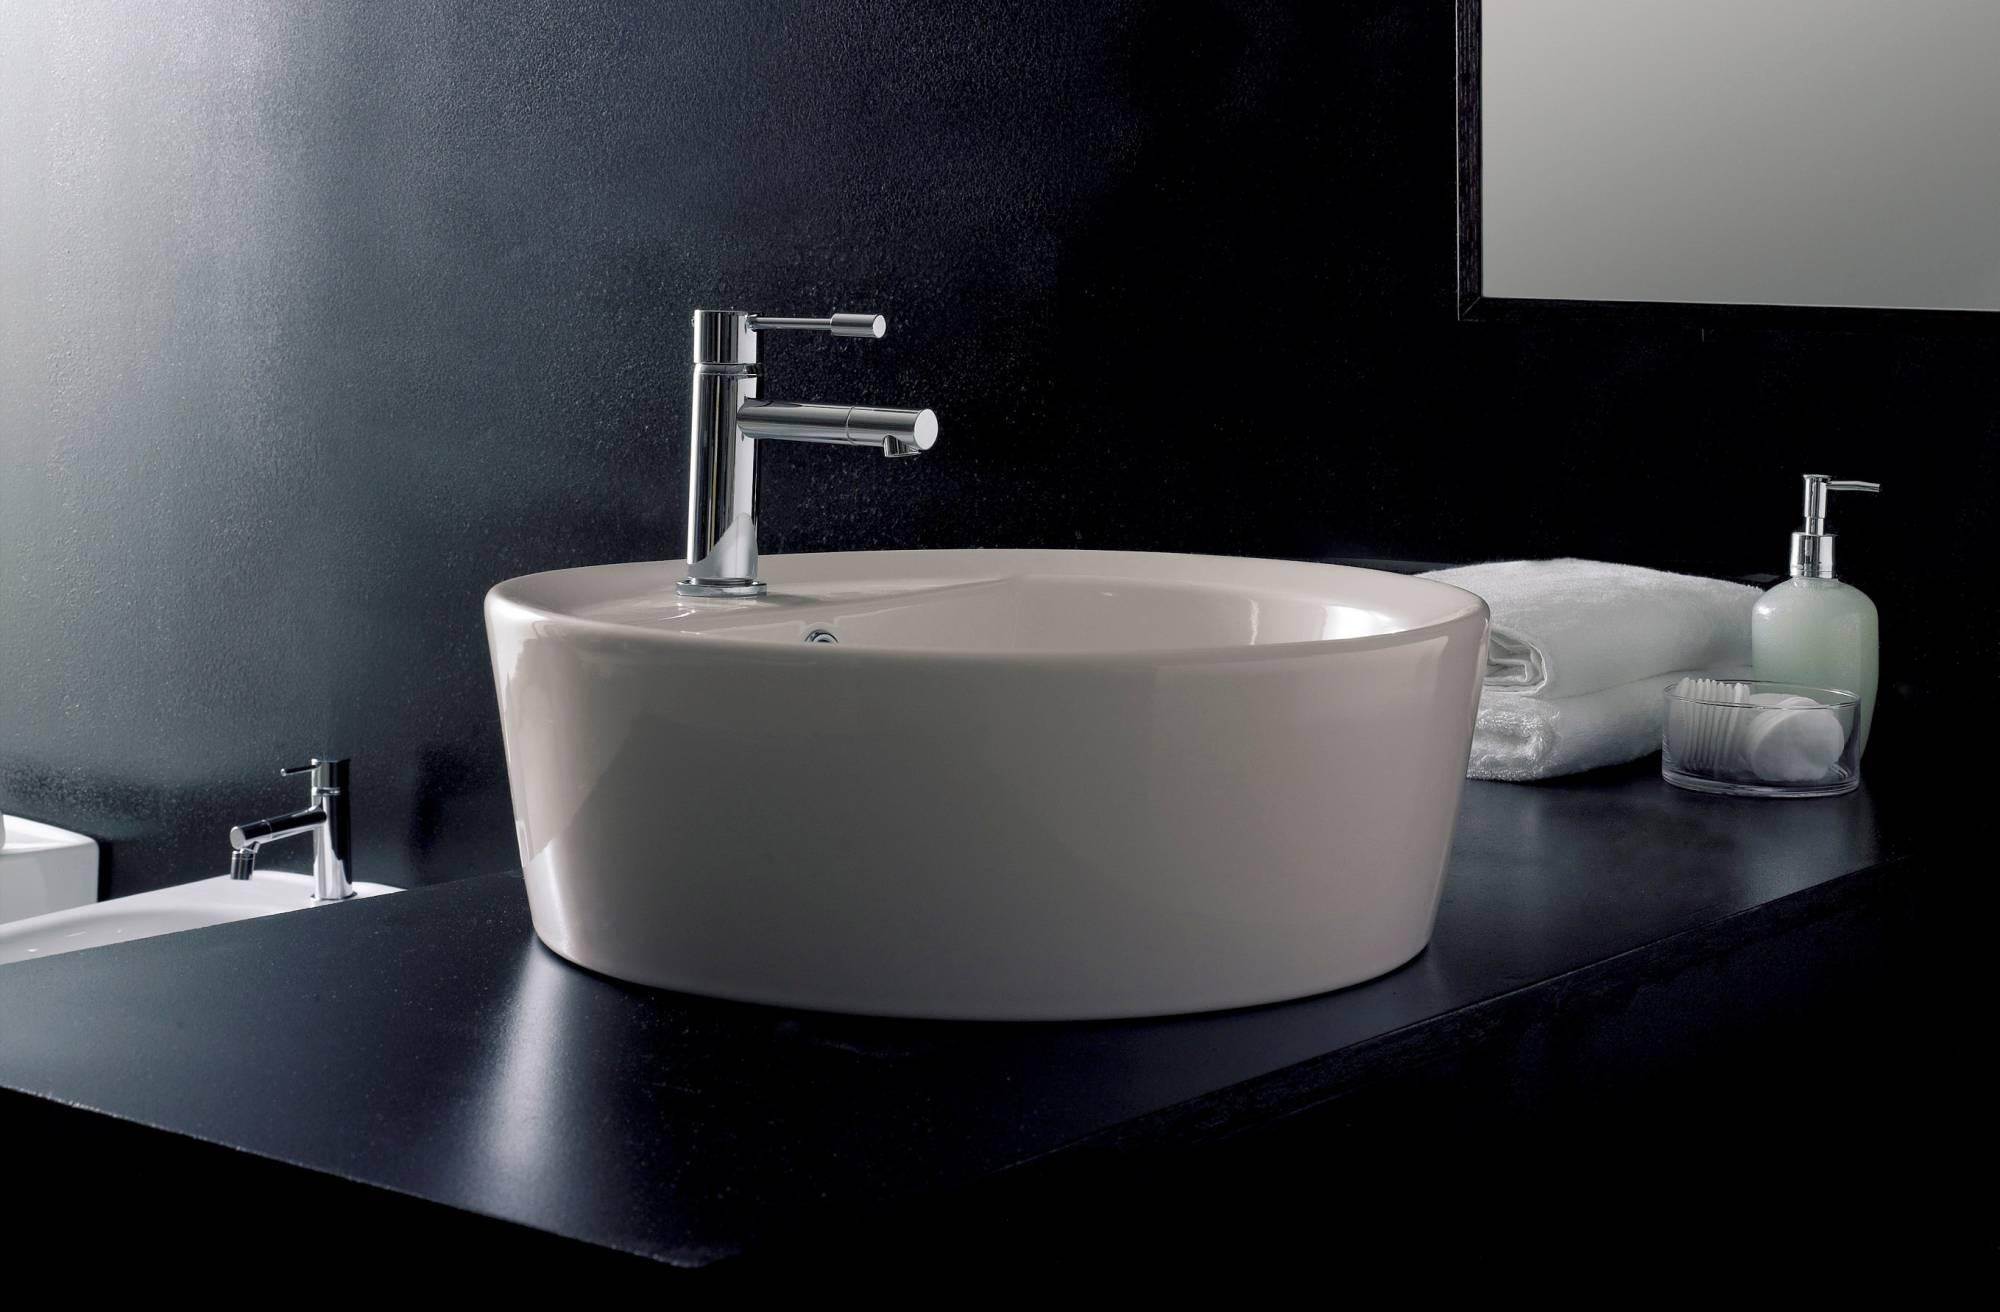 lavabo_da_incasso_scarabeo_modello_matty_tondo_A-R